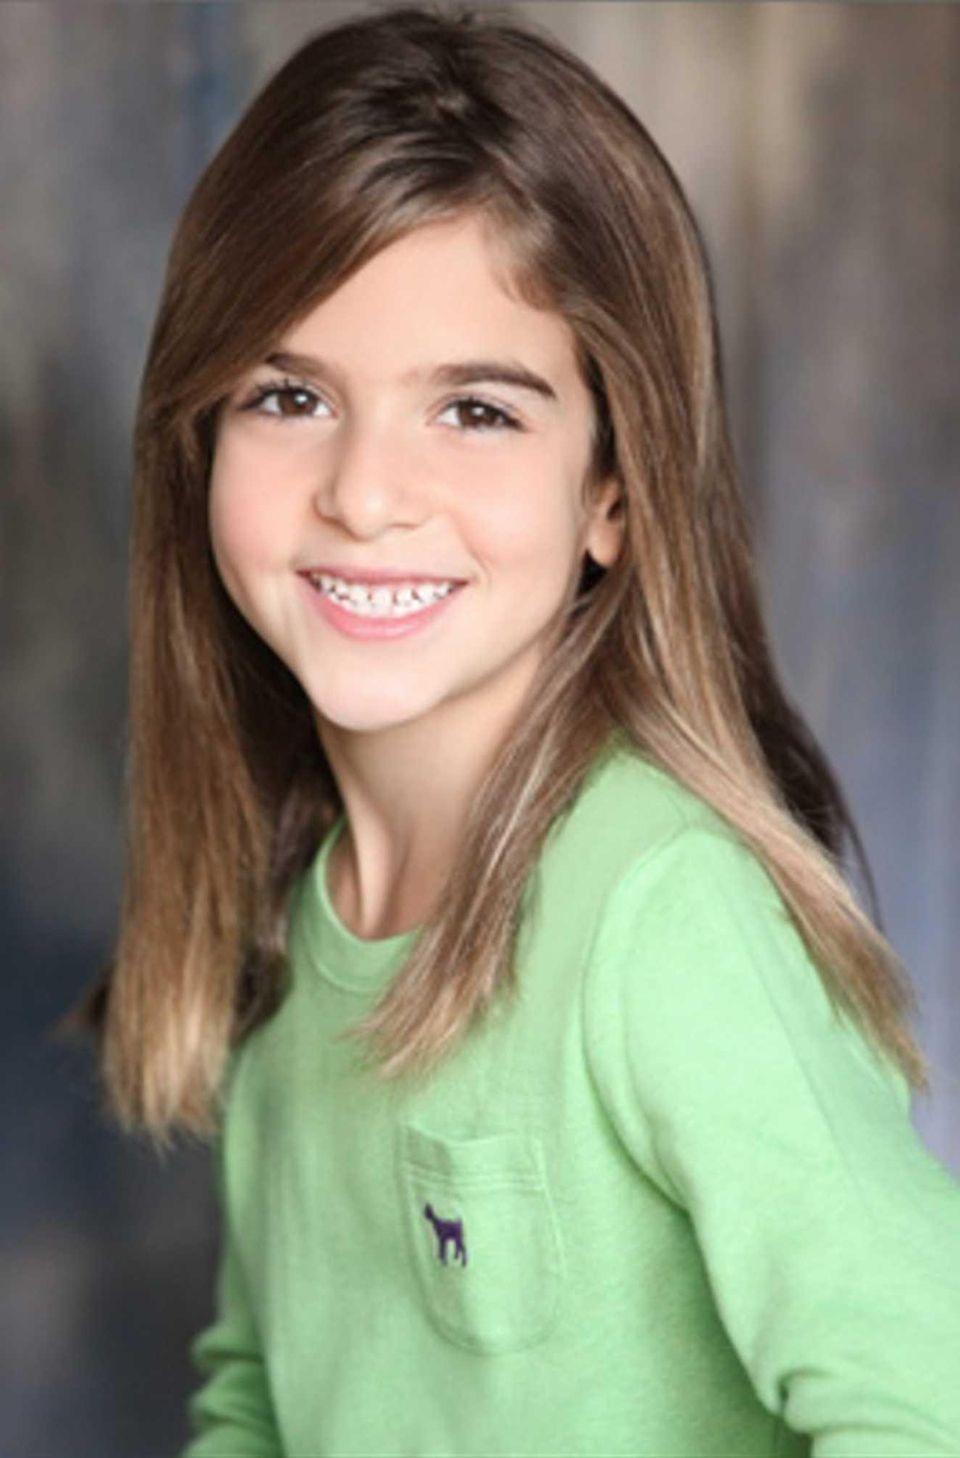 Ava Della Pietra, 9, a fourth-grader at W.S.